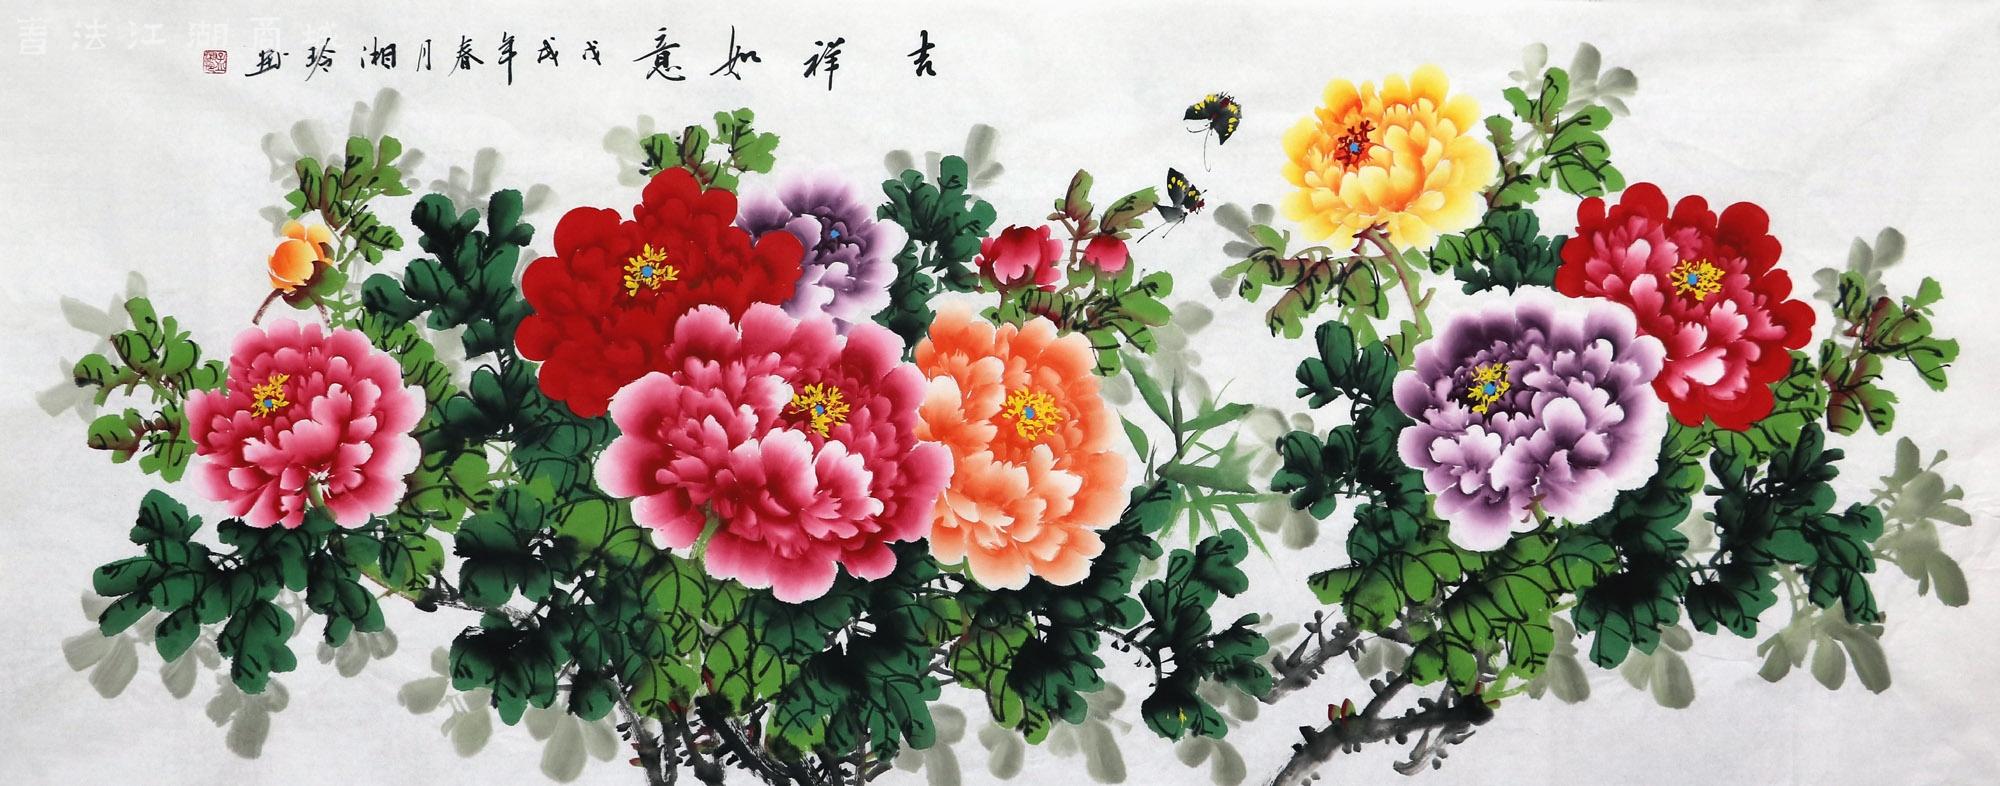 孟湘玲·小六尺富贵牡丹02.jpg